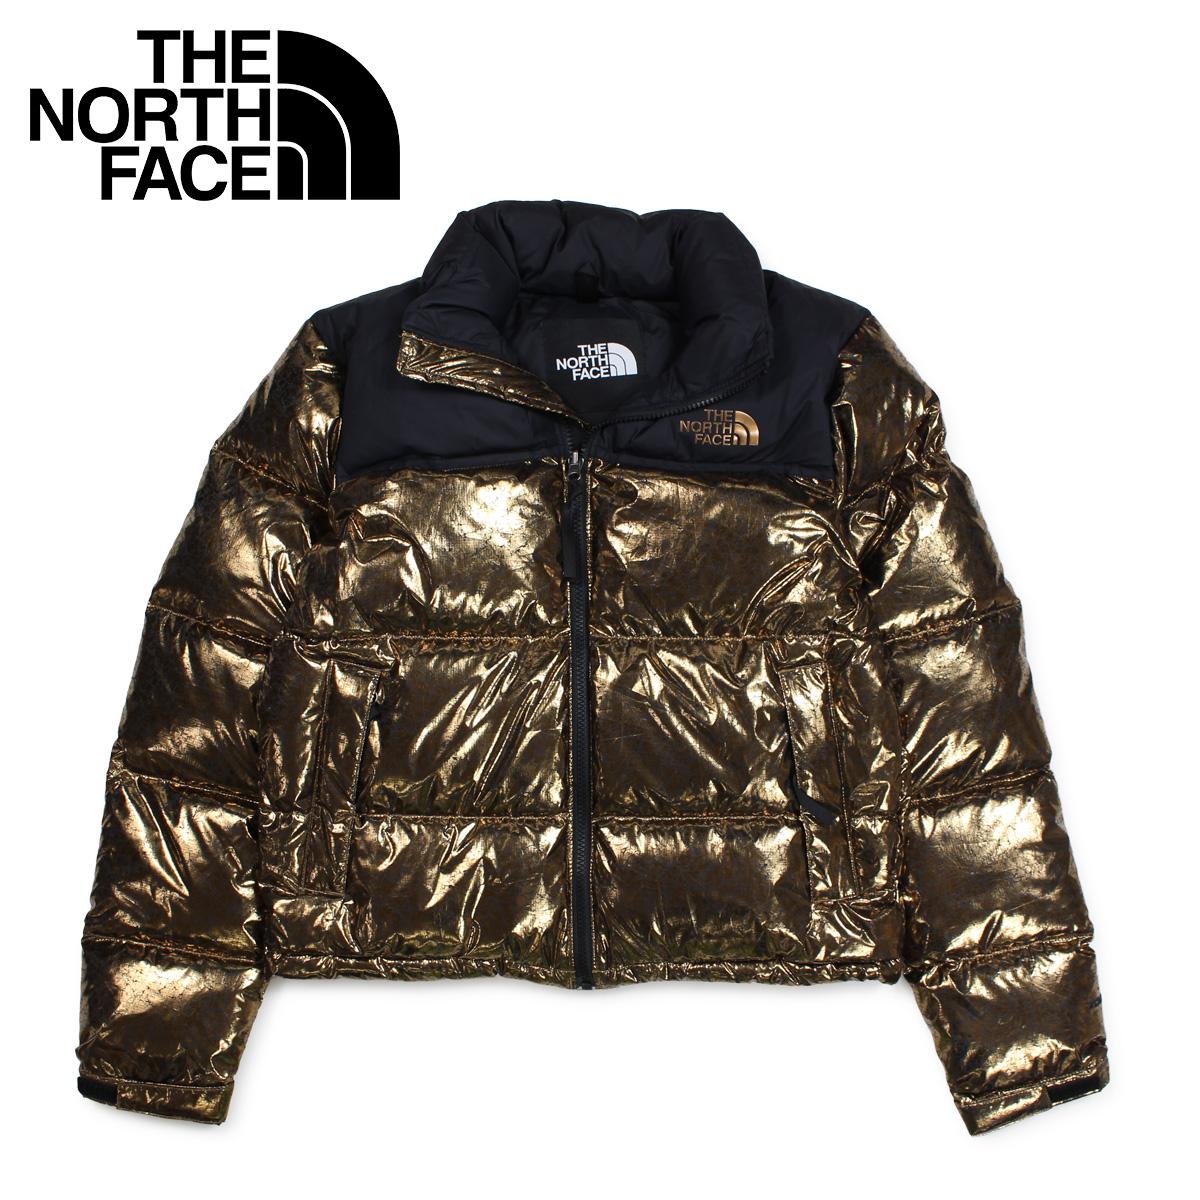 THE NORTH FACE ノースフェイス ダウン ヌプシ ジャケット 1996レトロ レディース メンズ WOMENS 1996 RETRO NUPTSE JACKET カッパー NF0A3JQR